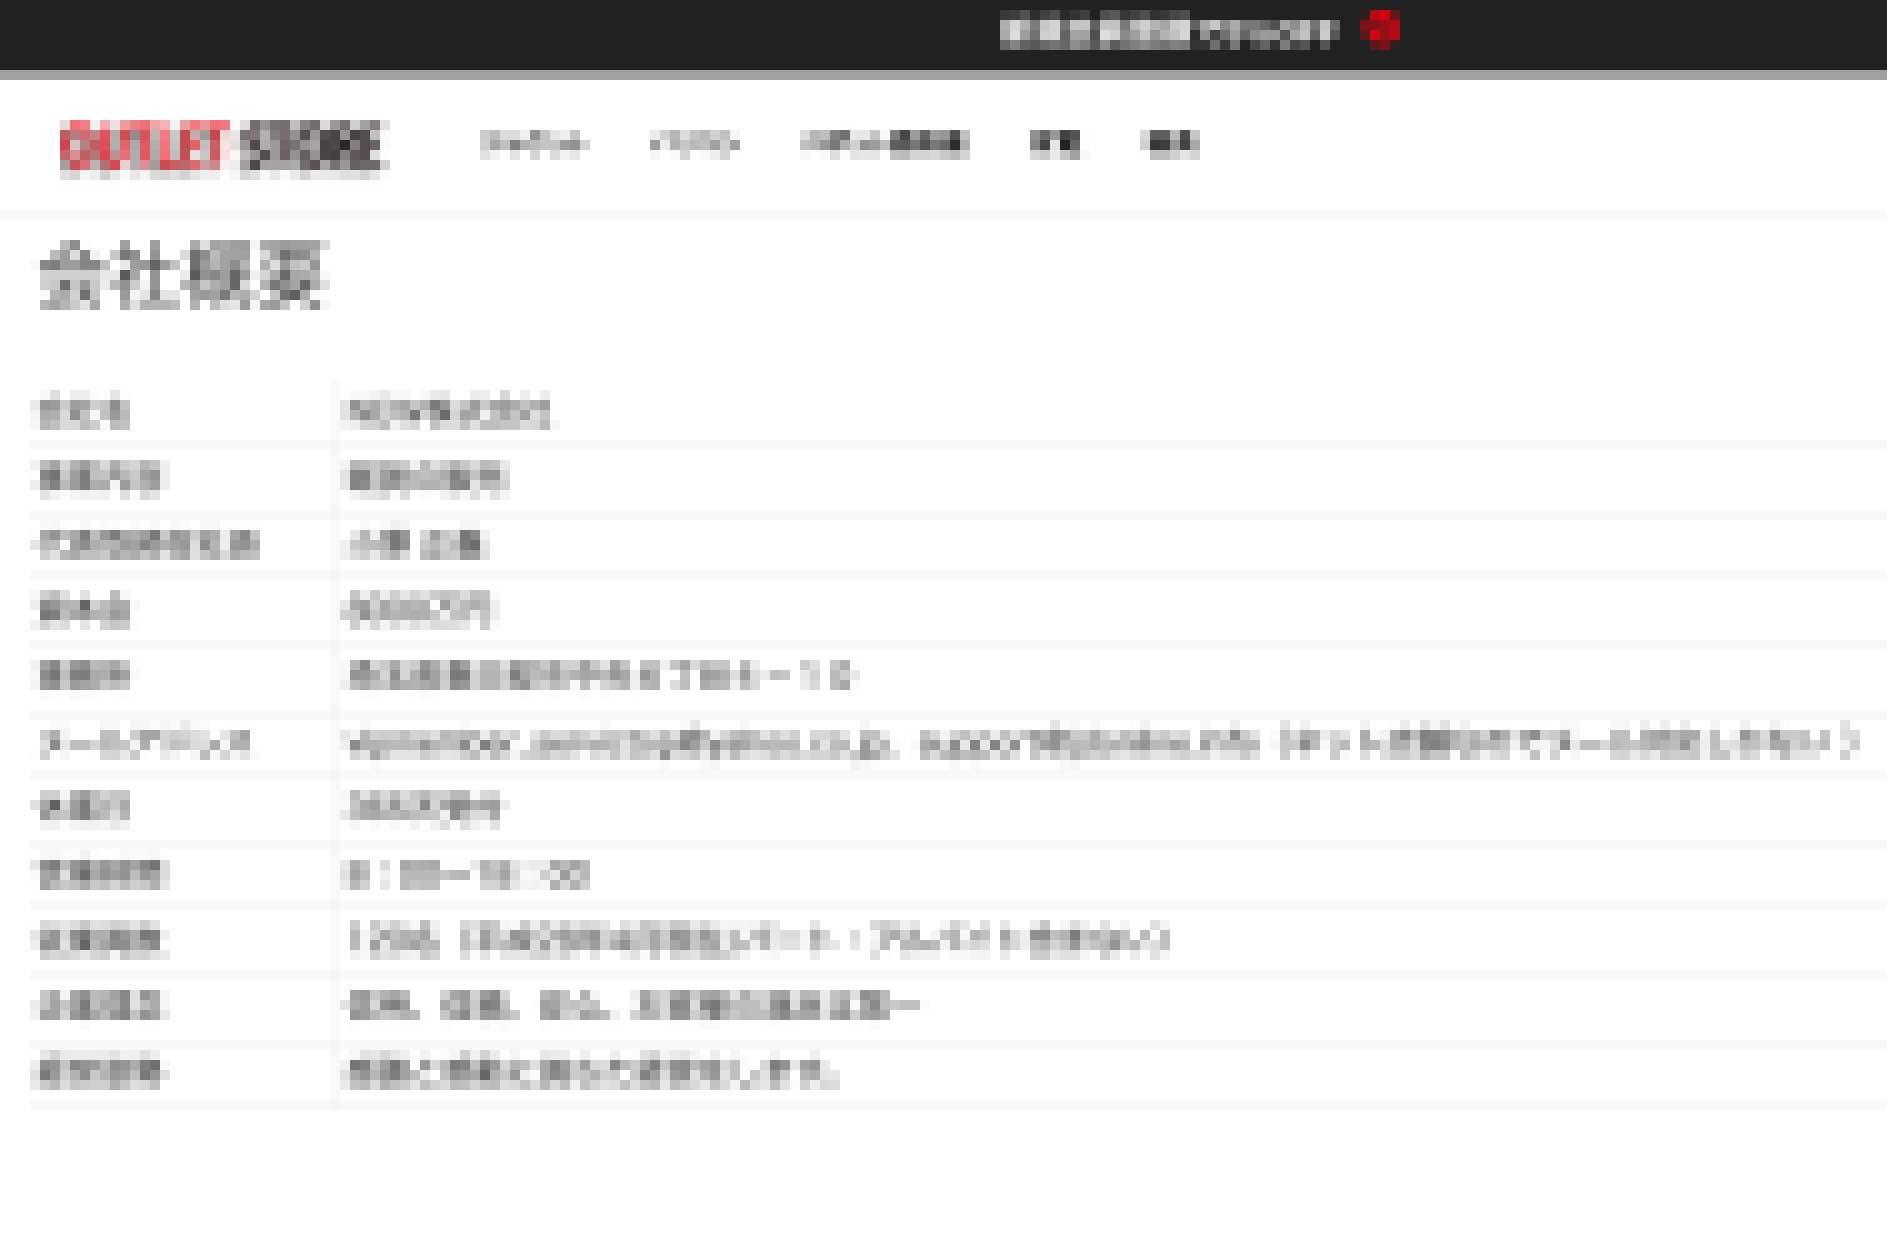 【番外編】検証 シナ人による違法サイトの手口